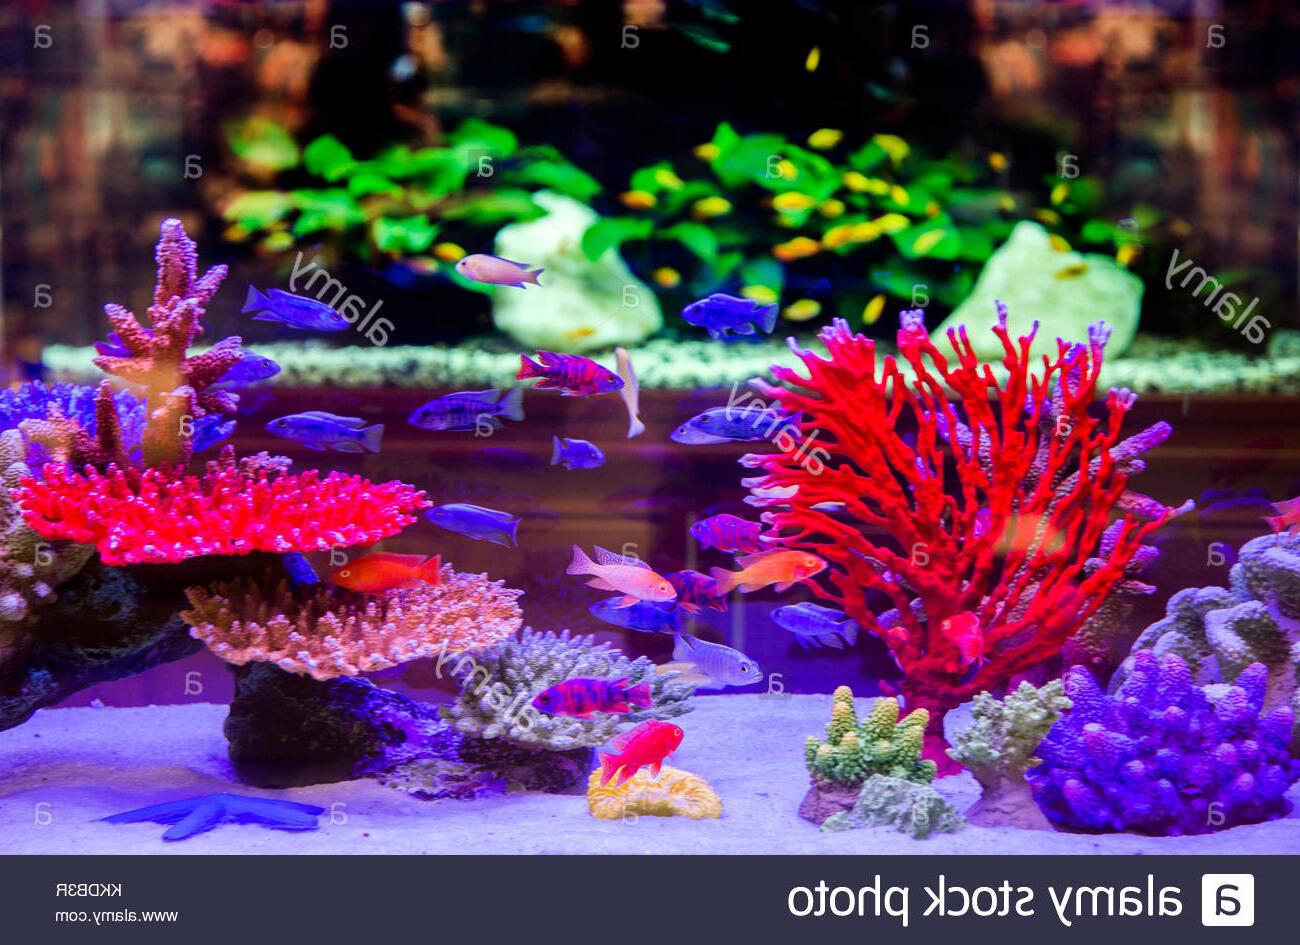 Quand mettre la lumière aquarium ?